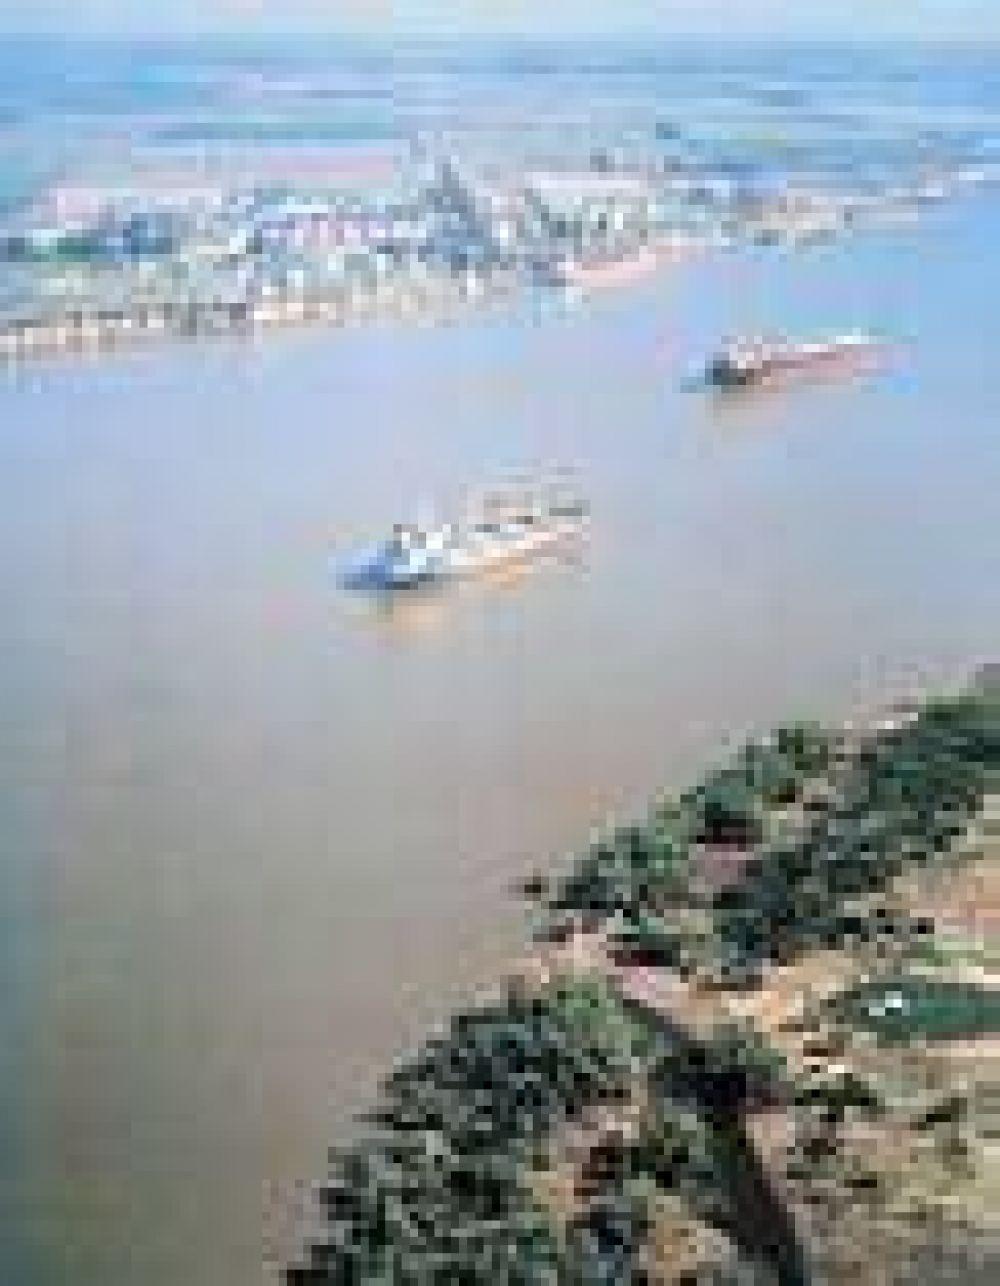 Los exportadores de granos prevén aumento de costos por el bajísimo caudal del Paraná